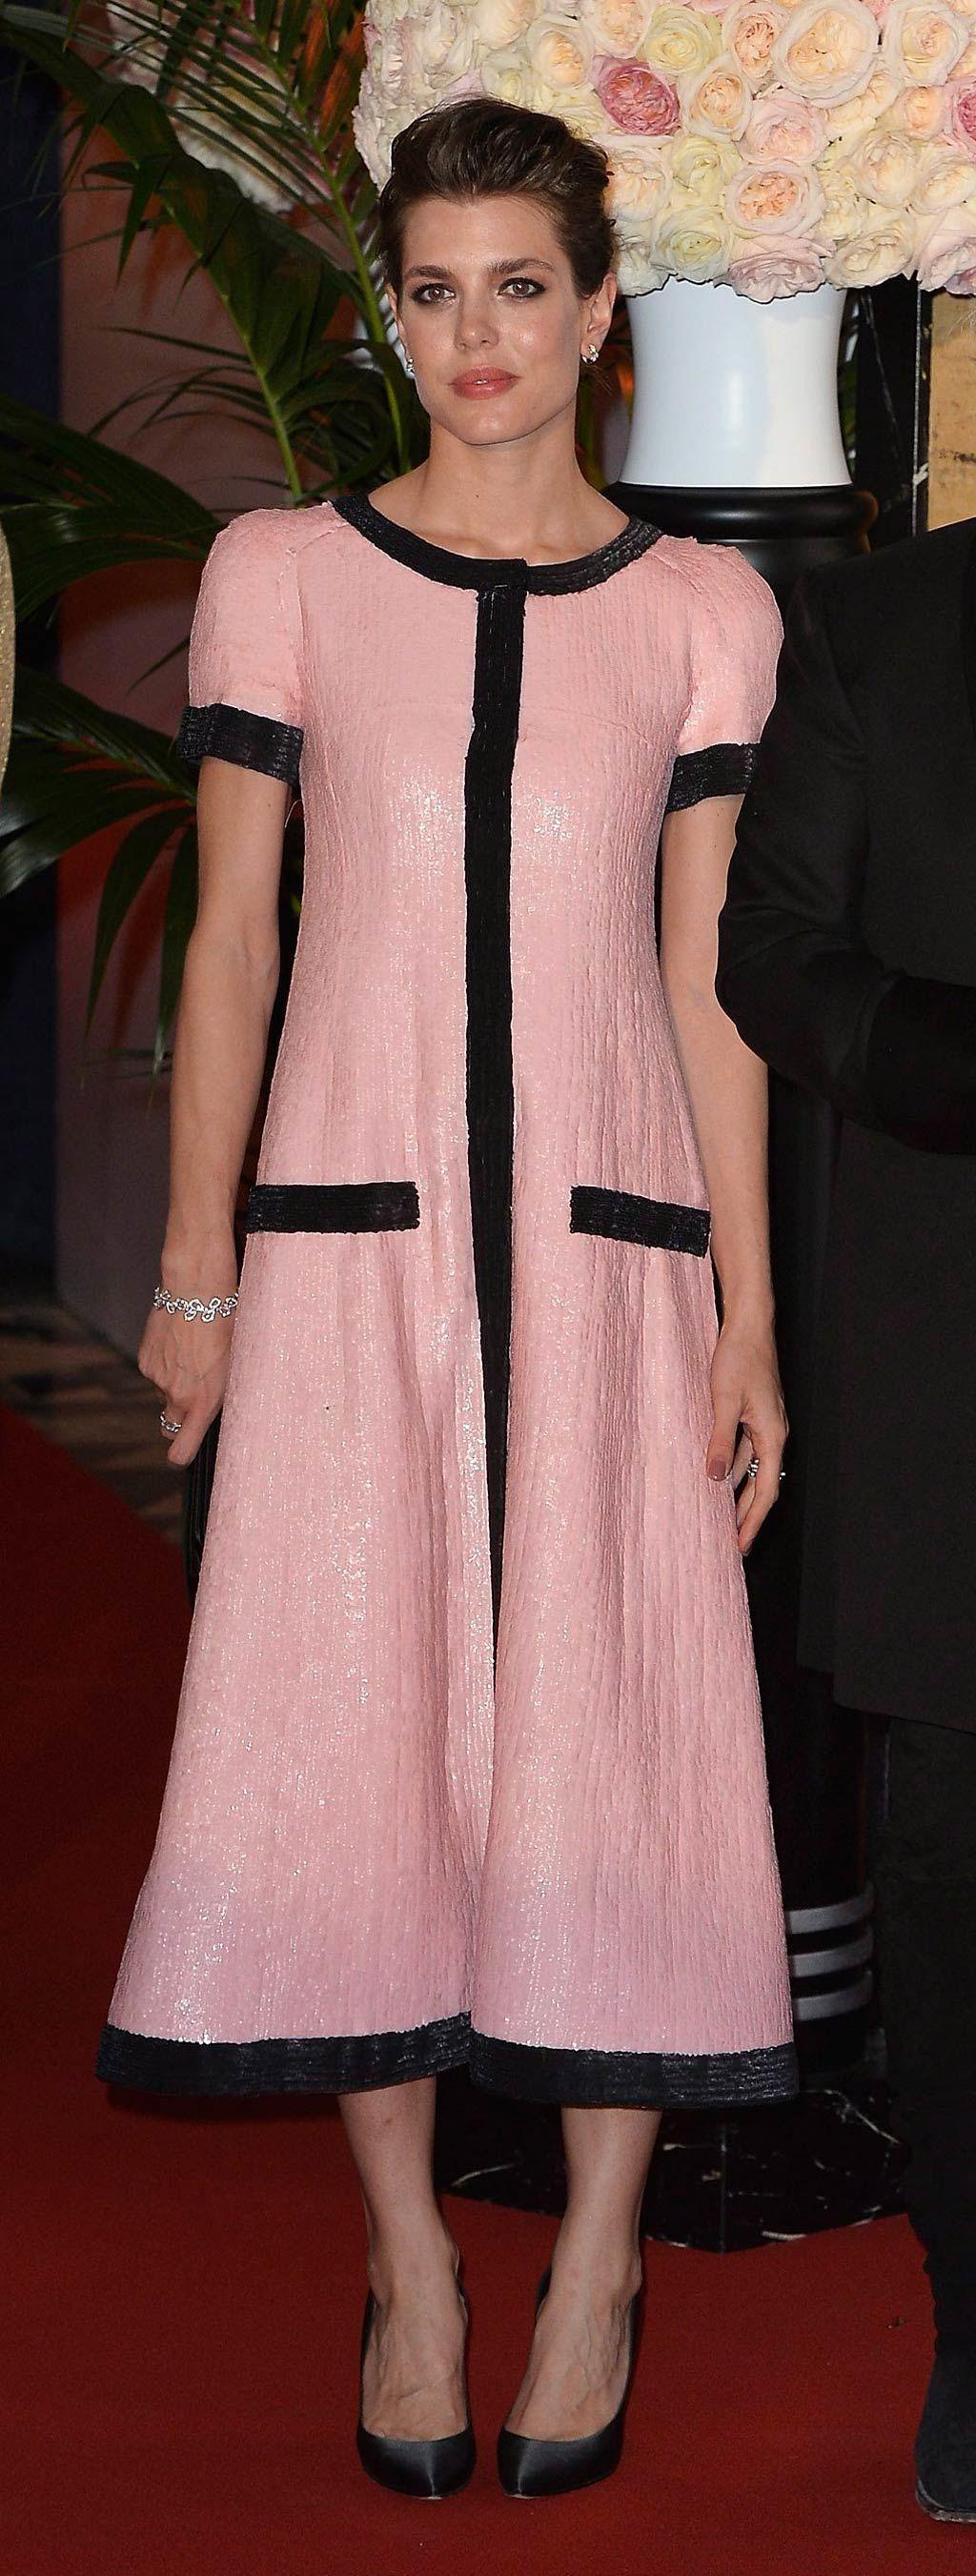 Excelente Vestido De Fiesta De Grace Kelly Composición - Colección ...